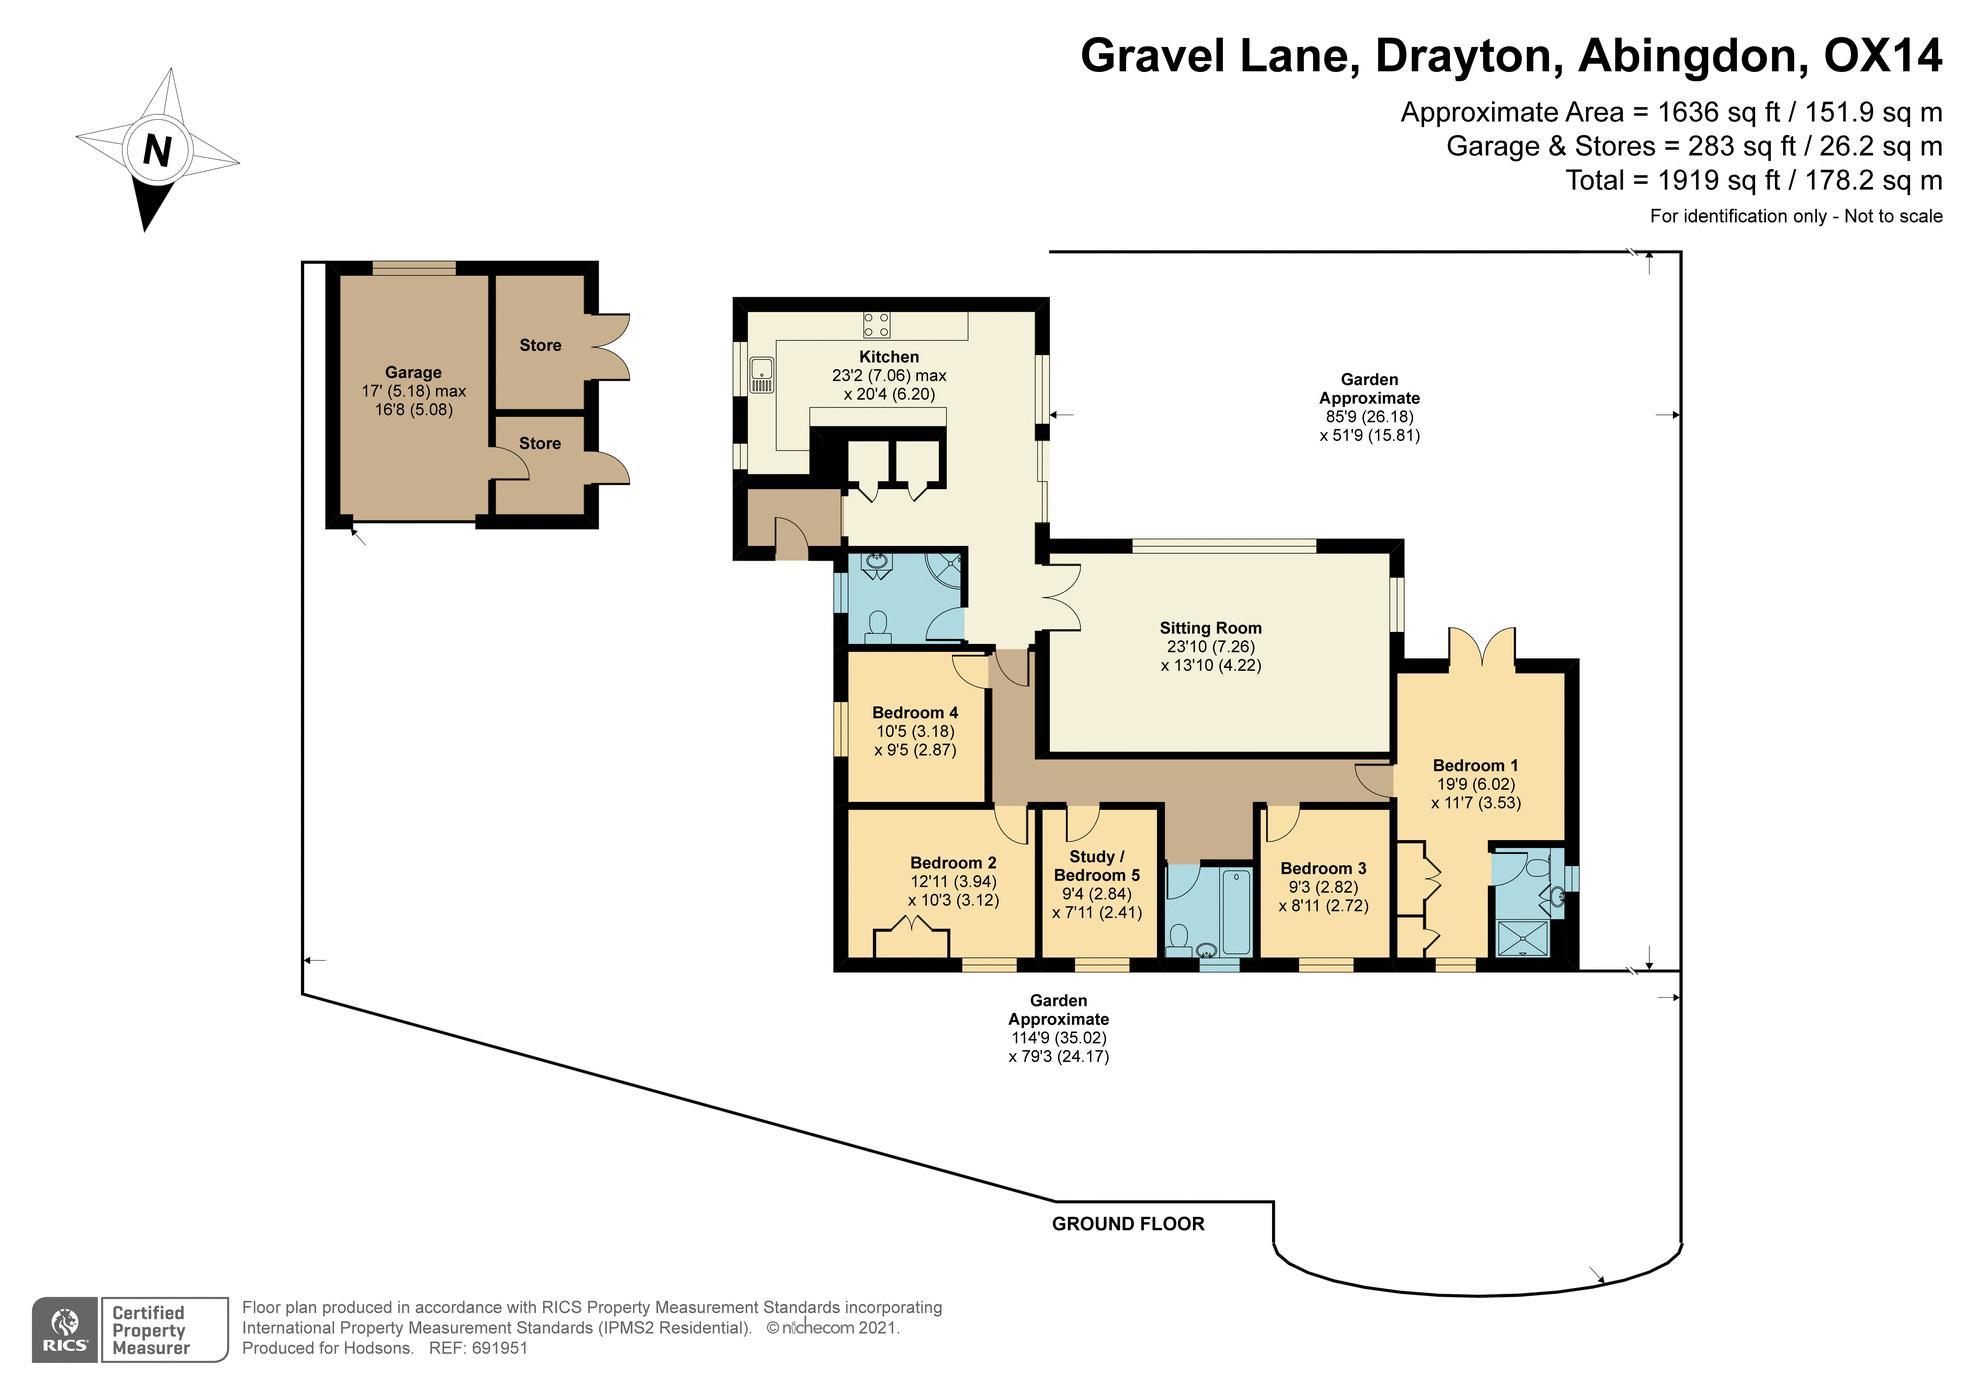 Gravel Lane Drayton